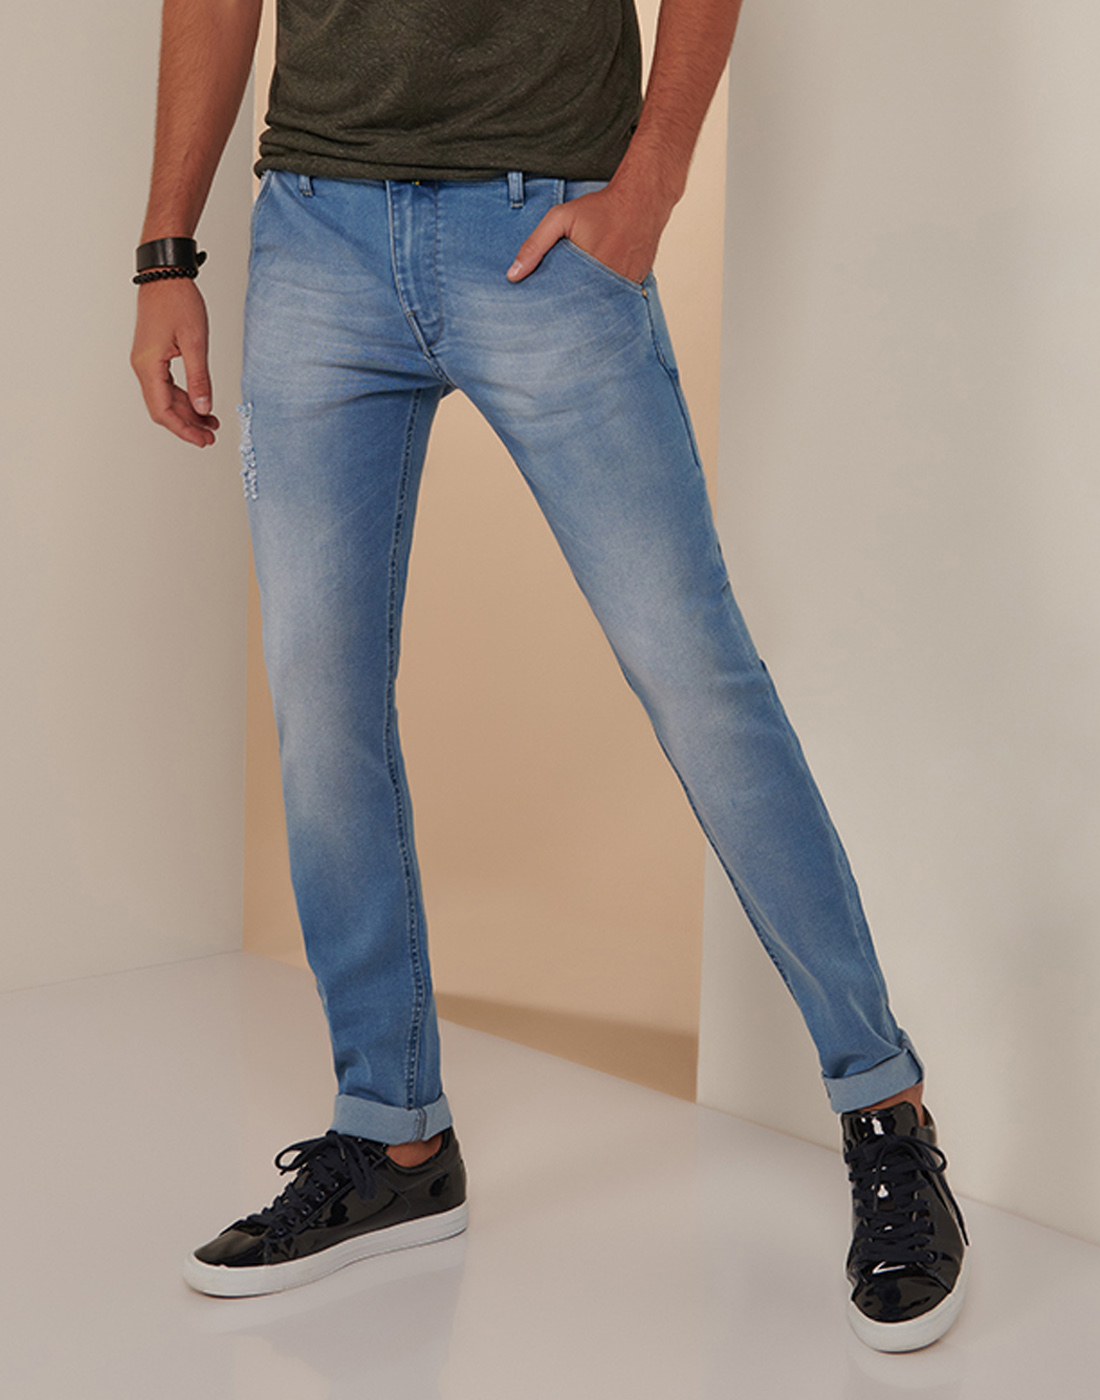 Calça Masc. Skinny Jeans Destroyer Six One